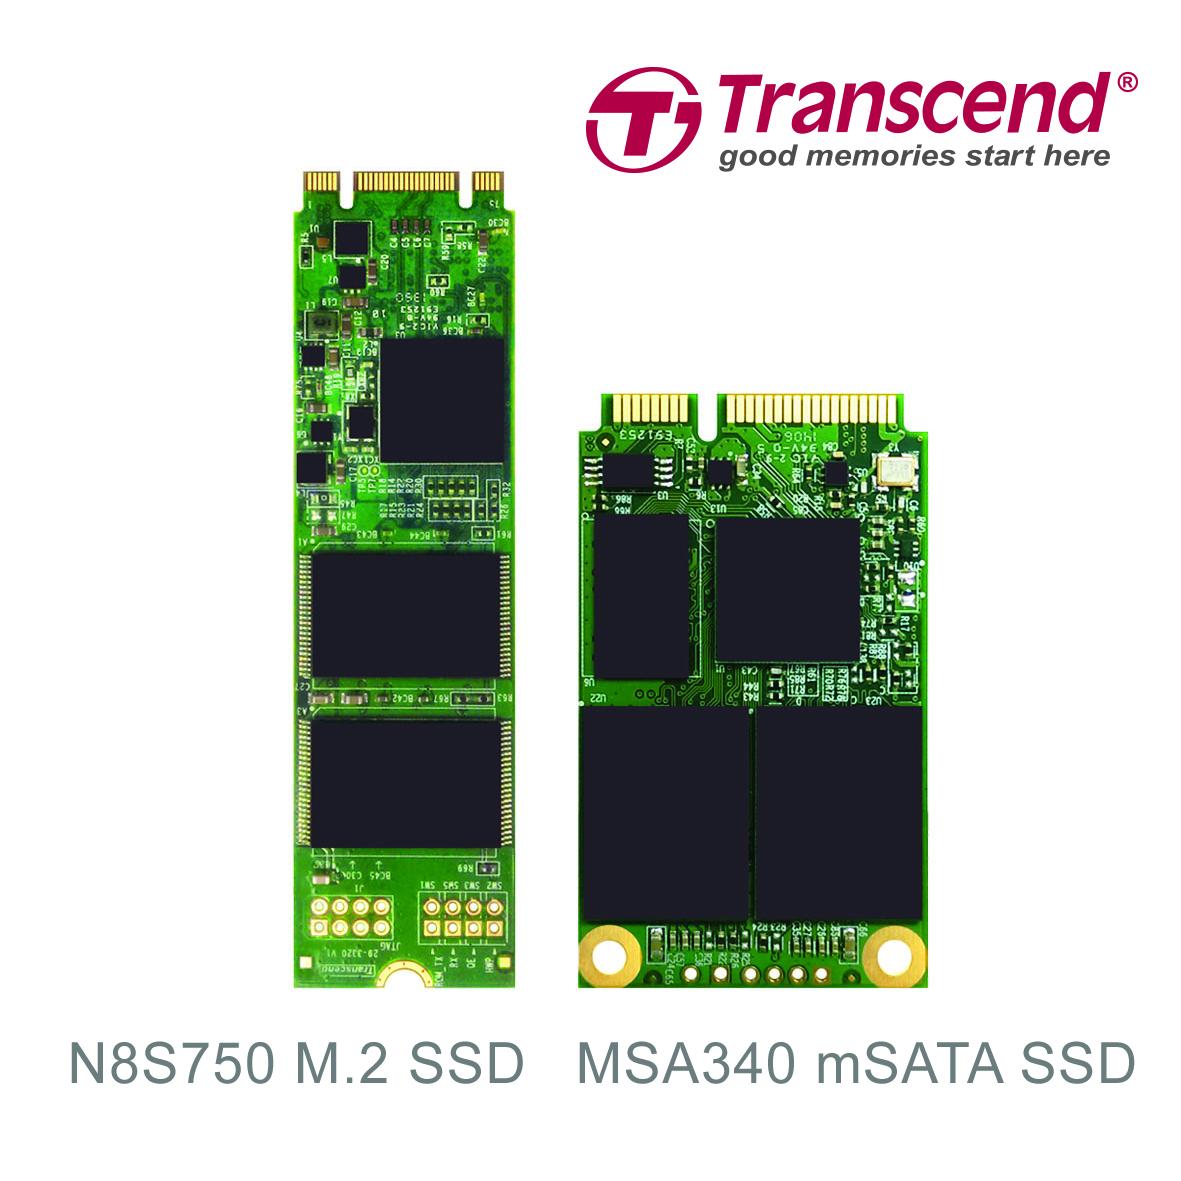 創見推新一代M.2與mSATA微型固態硬碟,鎖定行動運算裝置